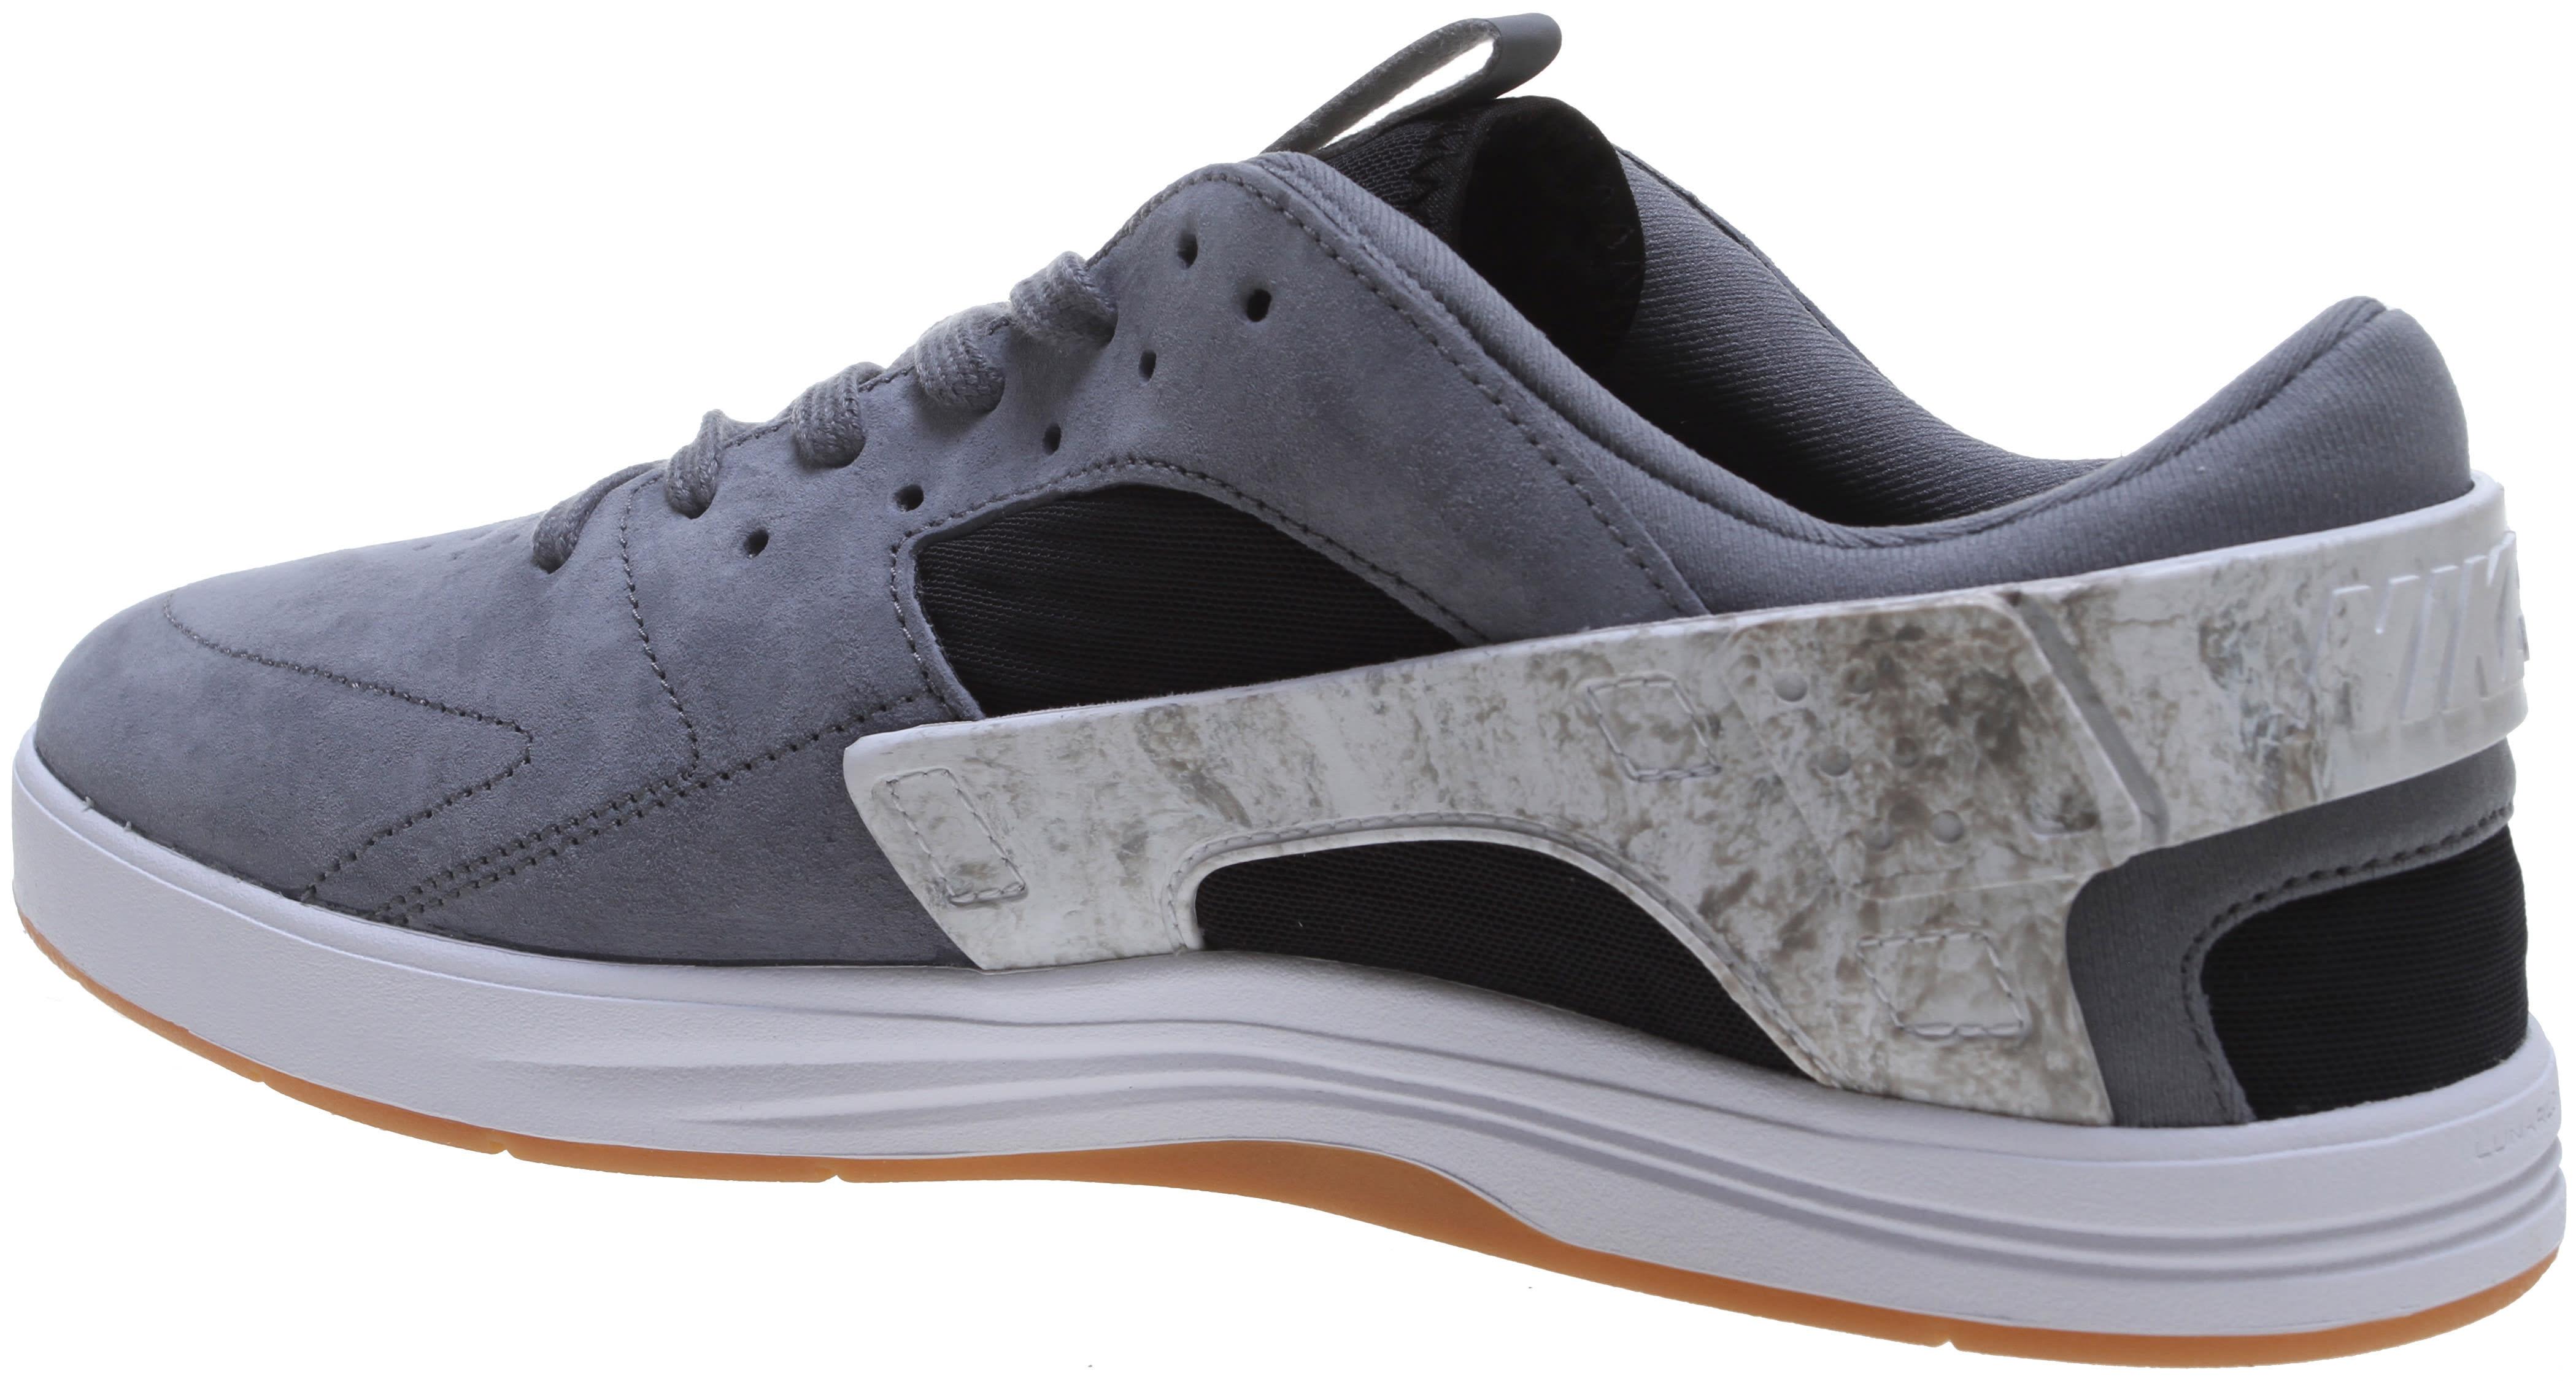 84dbb0560f70 Nike Eric Koston Huarache Skate Shoes - thumbnail 3